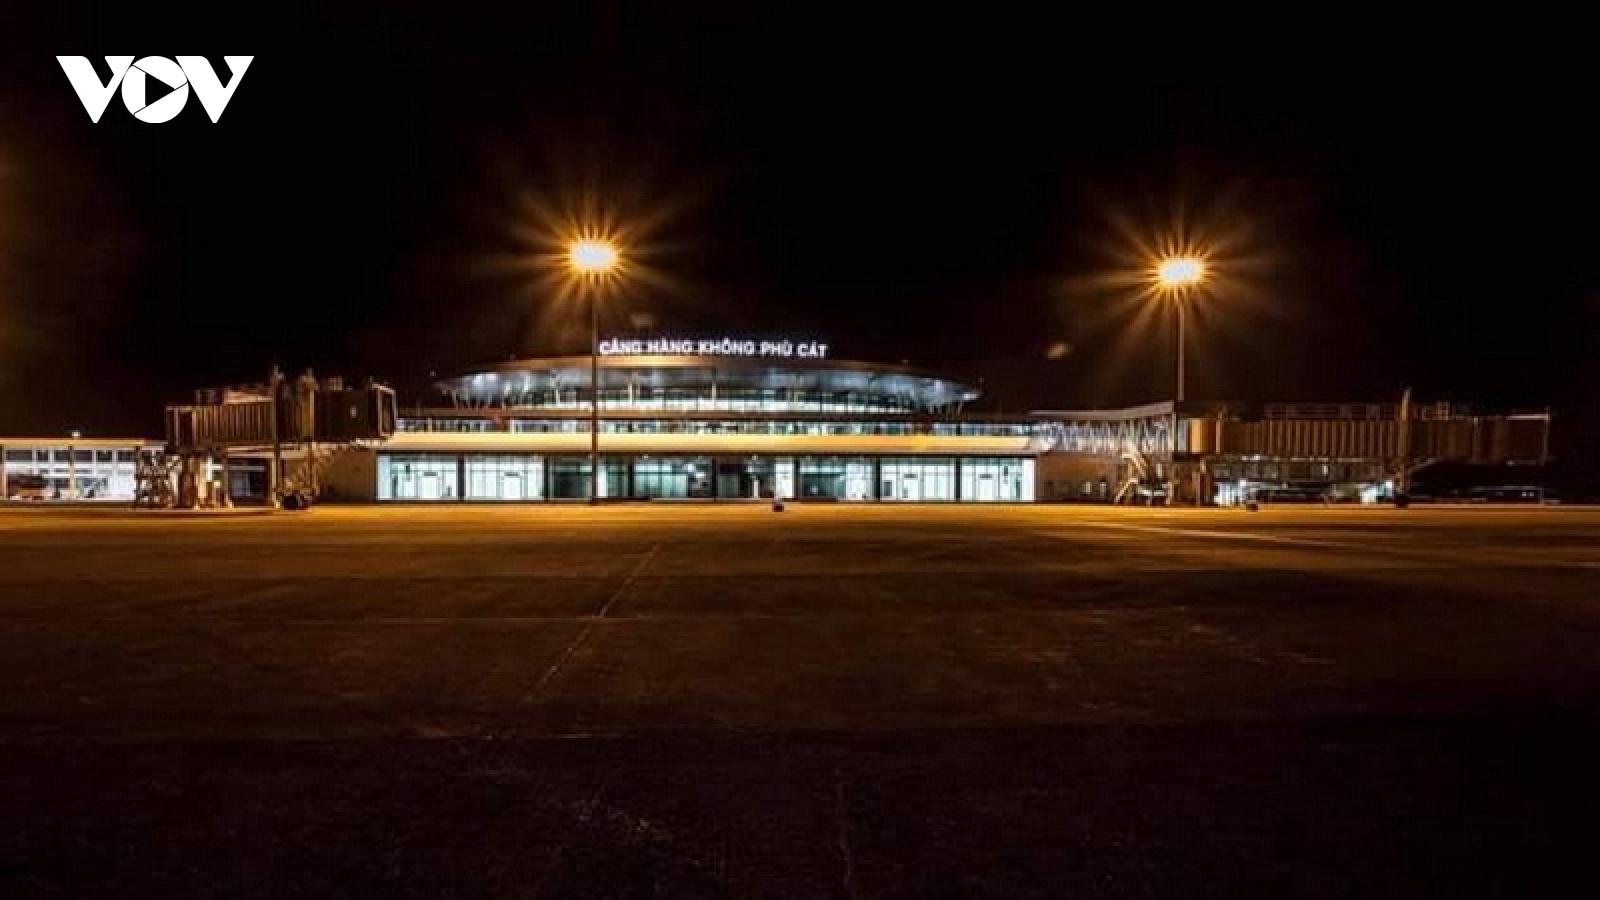 Bình Định đồng ý mở lại 3 đường bay nội địa đi và đến sân bay Phù Cát